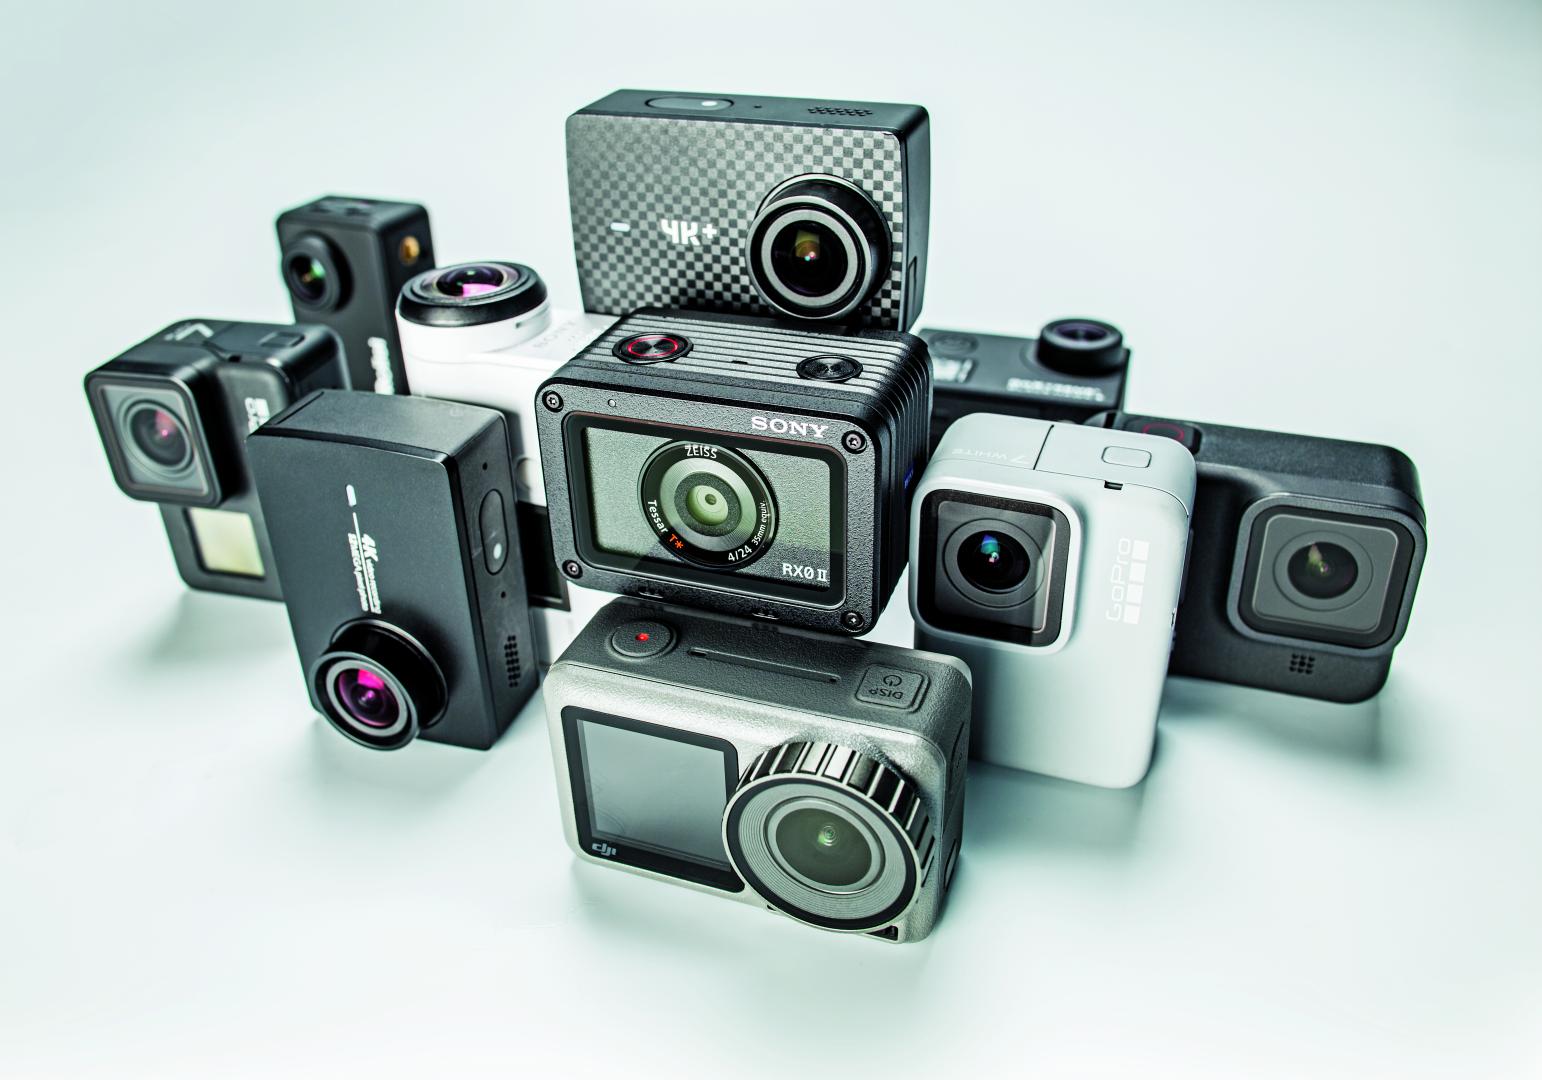 actioncam 4K full-hd praktijk vergelijkende test review resultaten